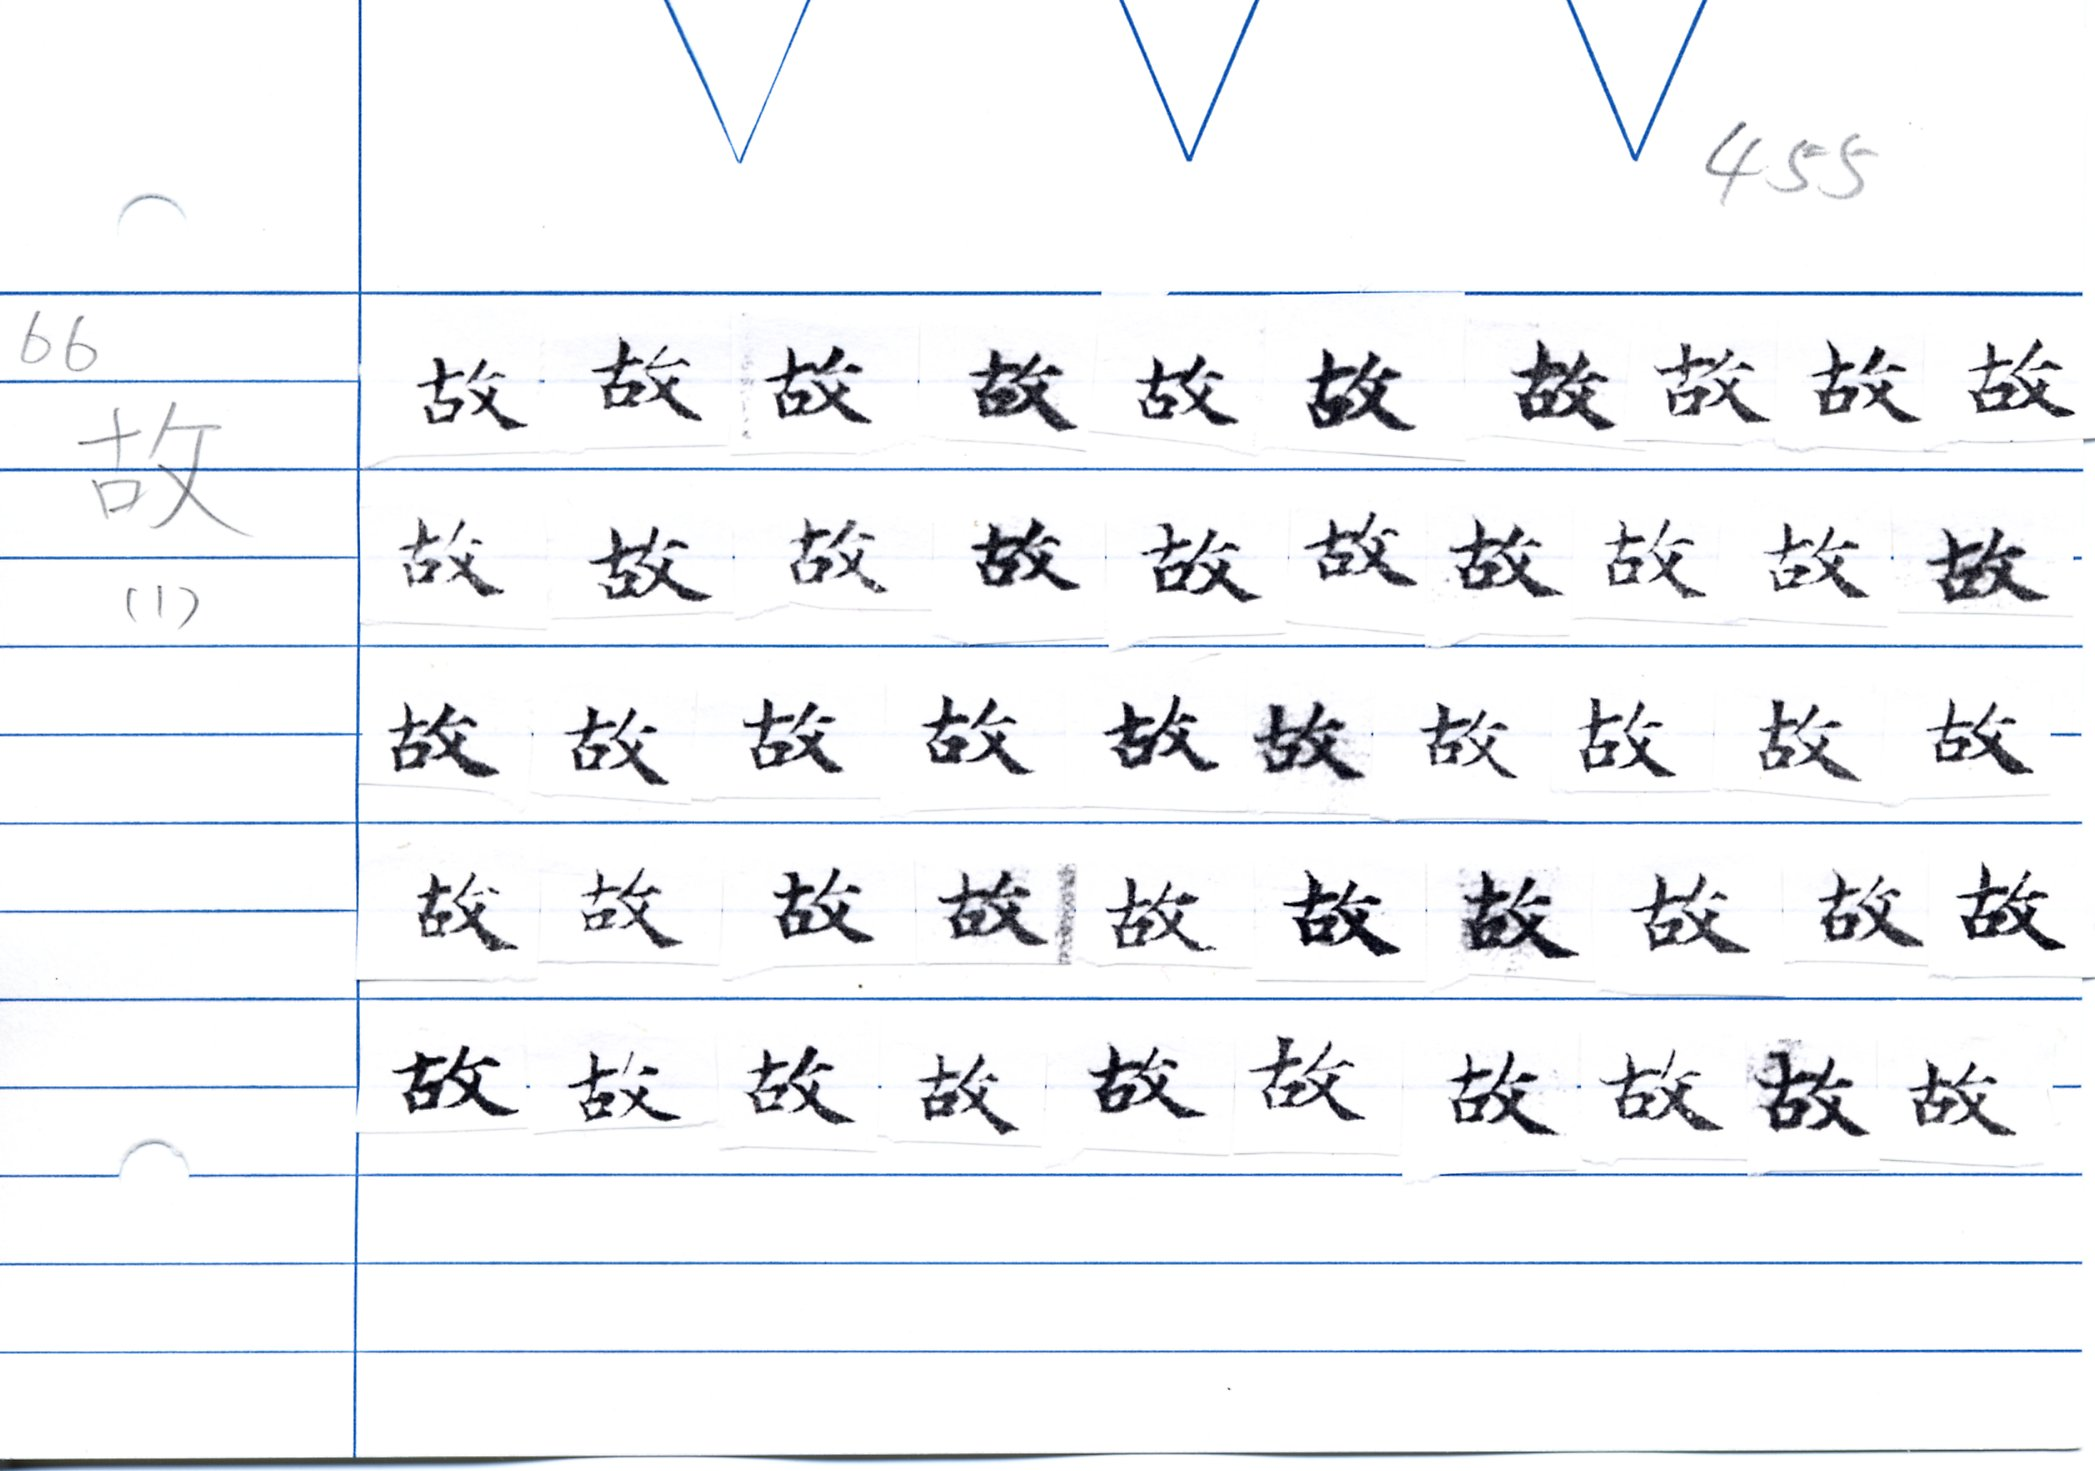 54_大般若經卷二百五十(和銅經)/cards/0099.JPG